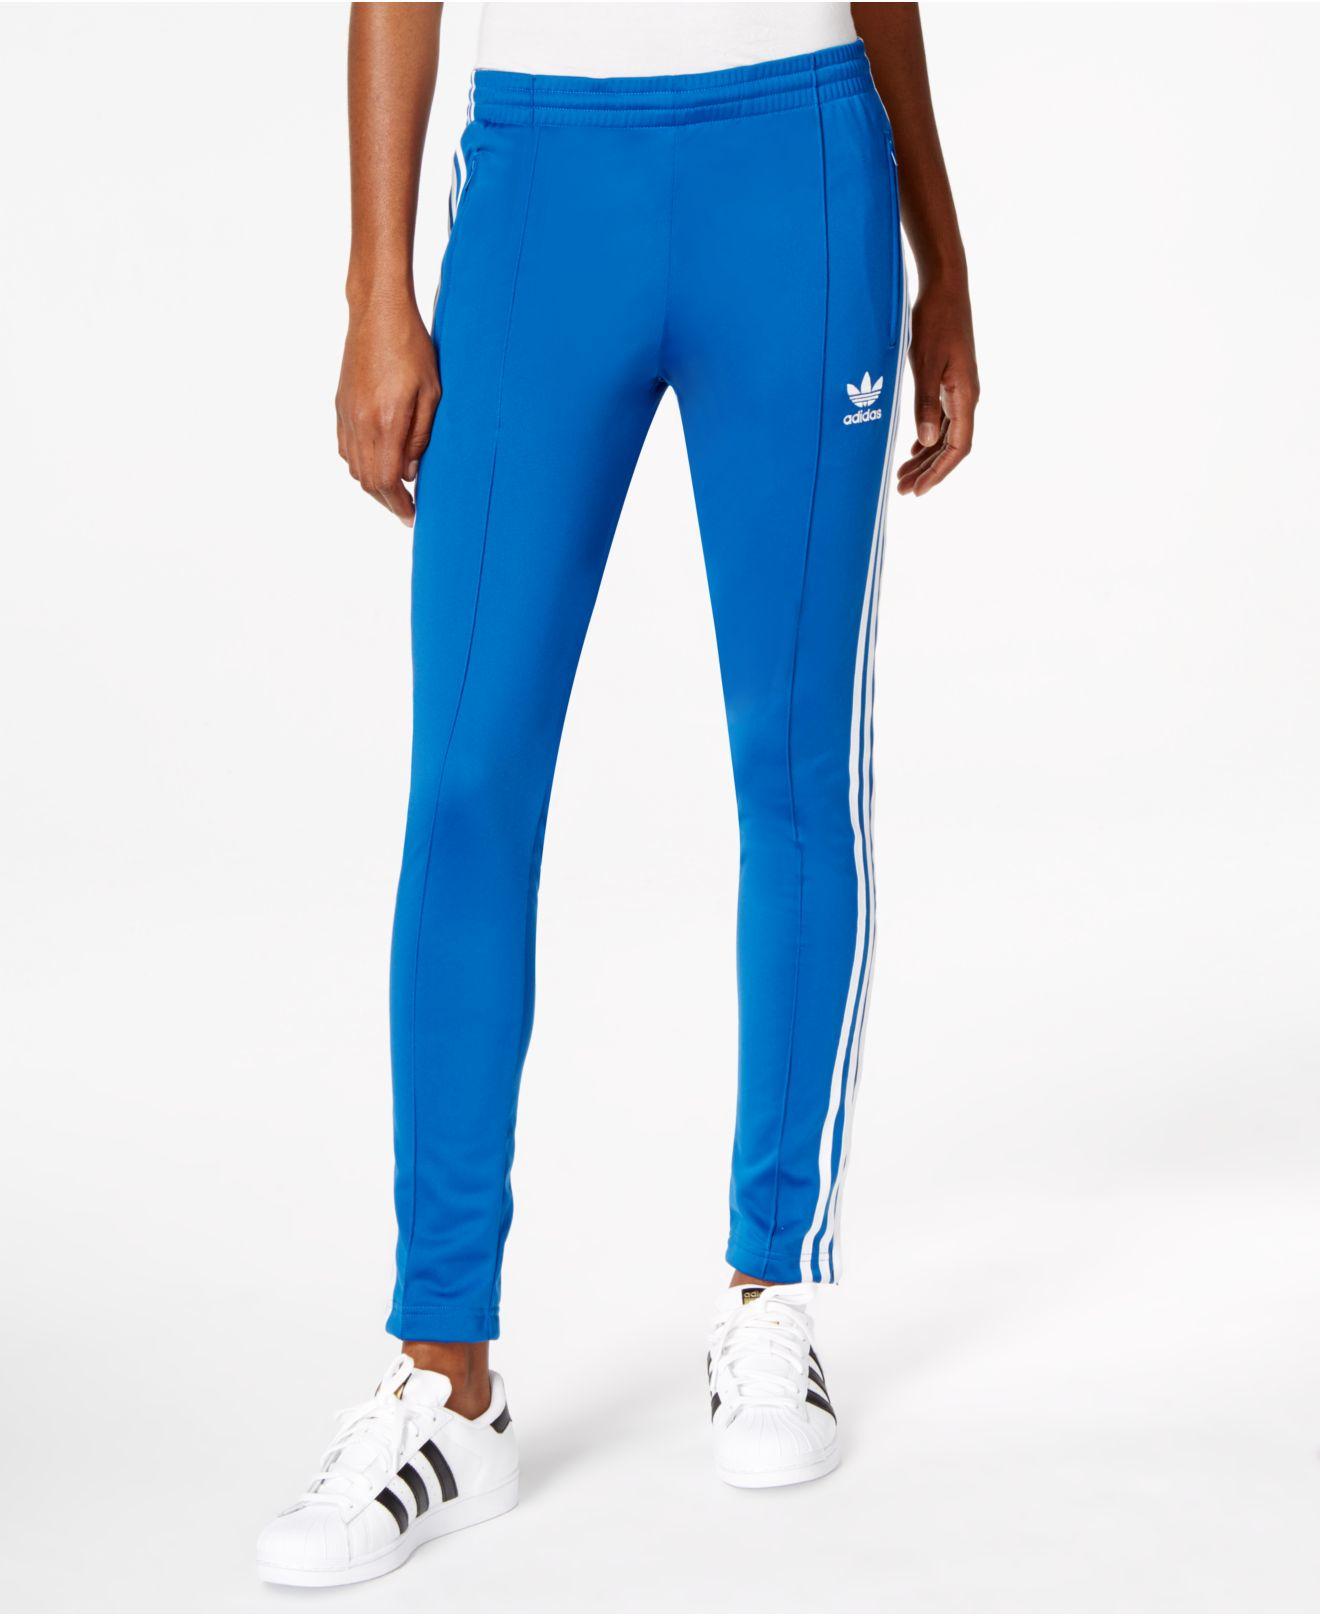 d7c4a947673a0 adidas Originals Supergirl Track Pants in Blue - Lyst